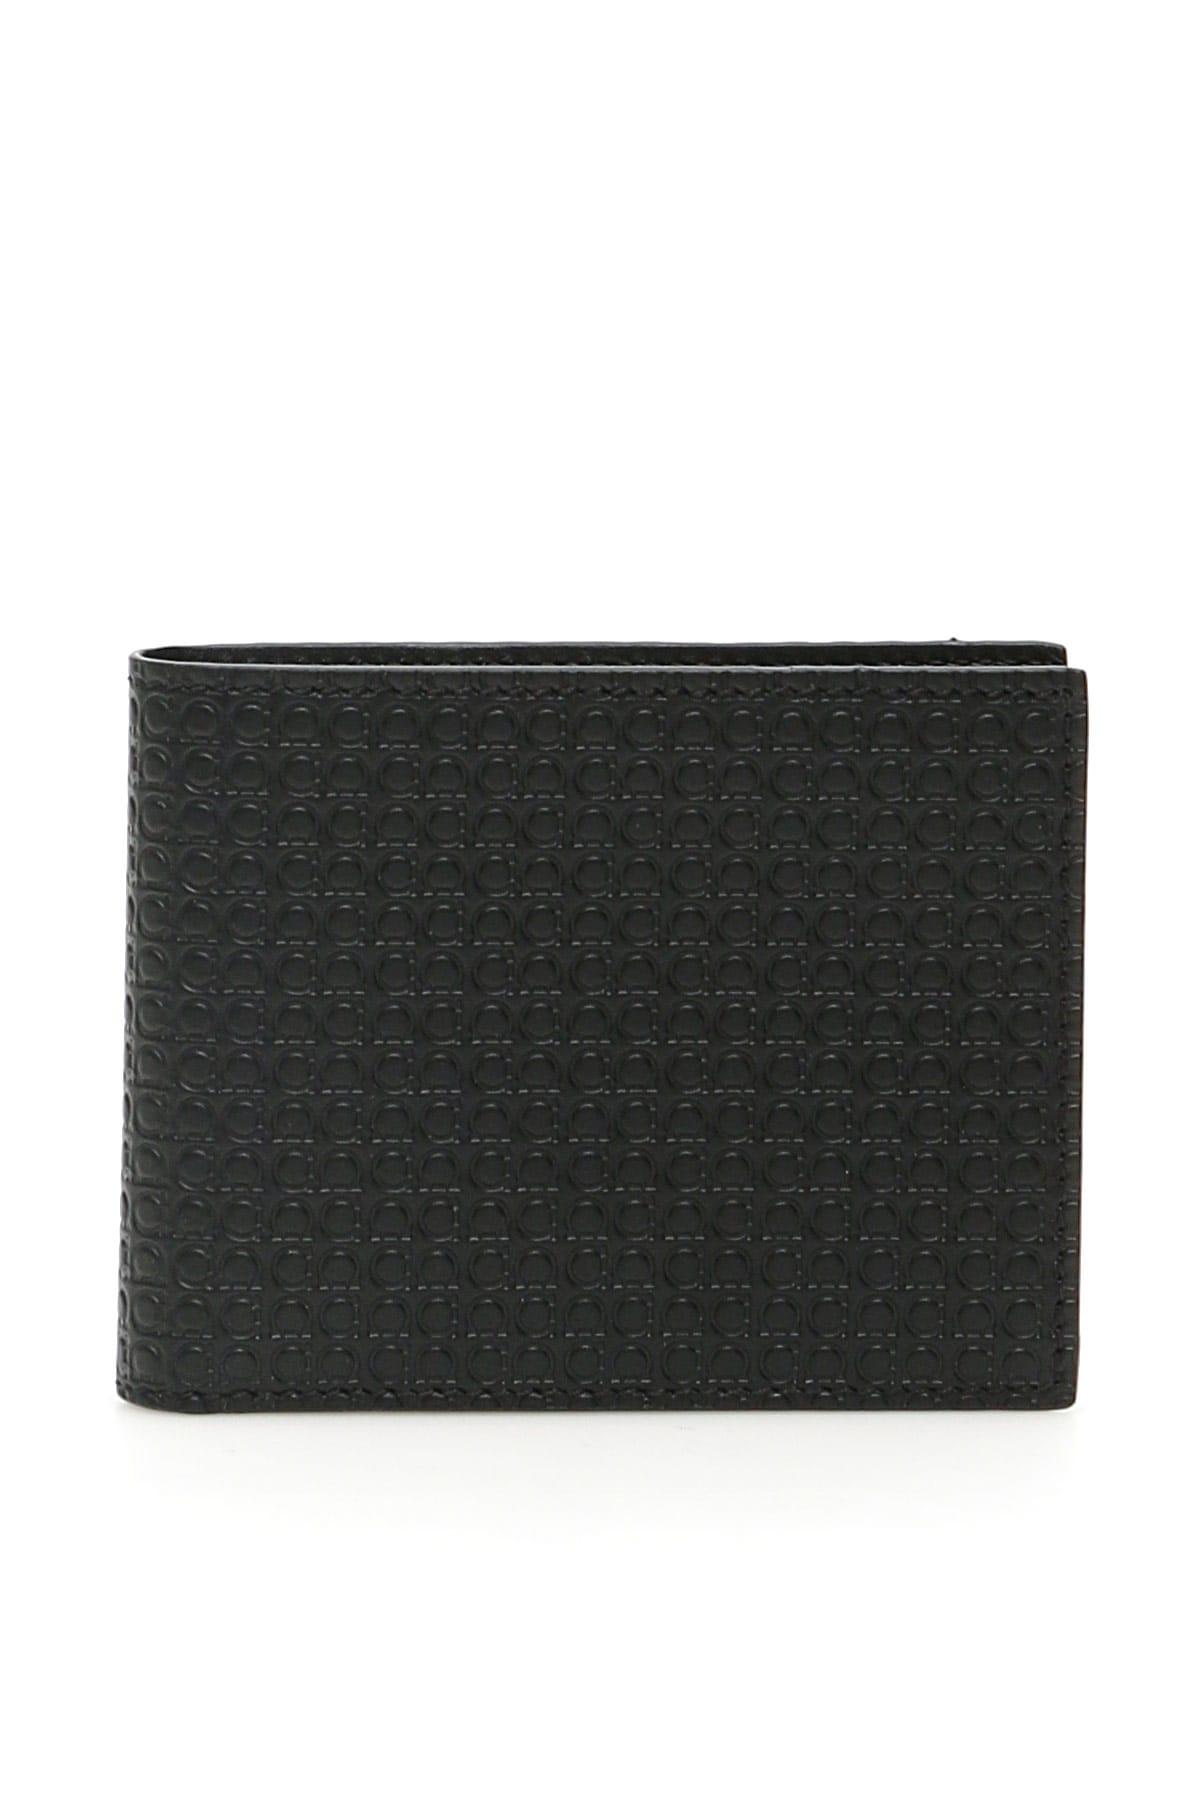 Salvatore Ferragamo Gancini Bi-fold Wallet